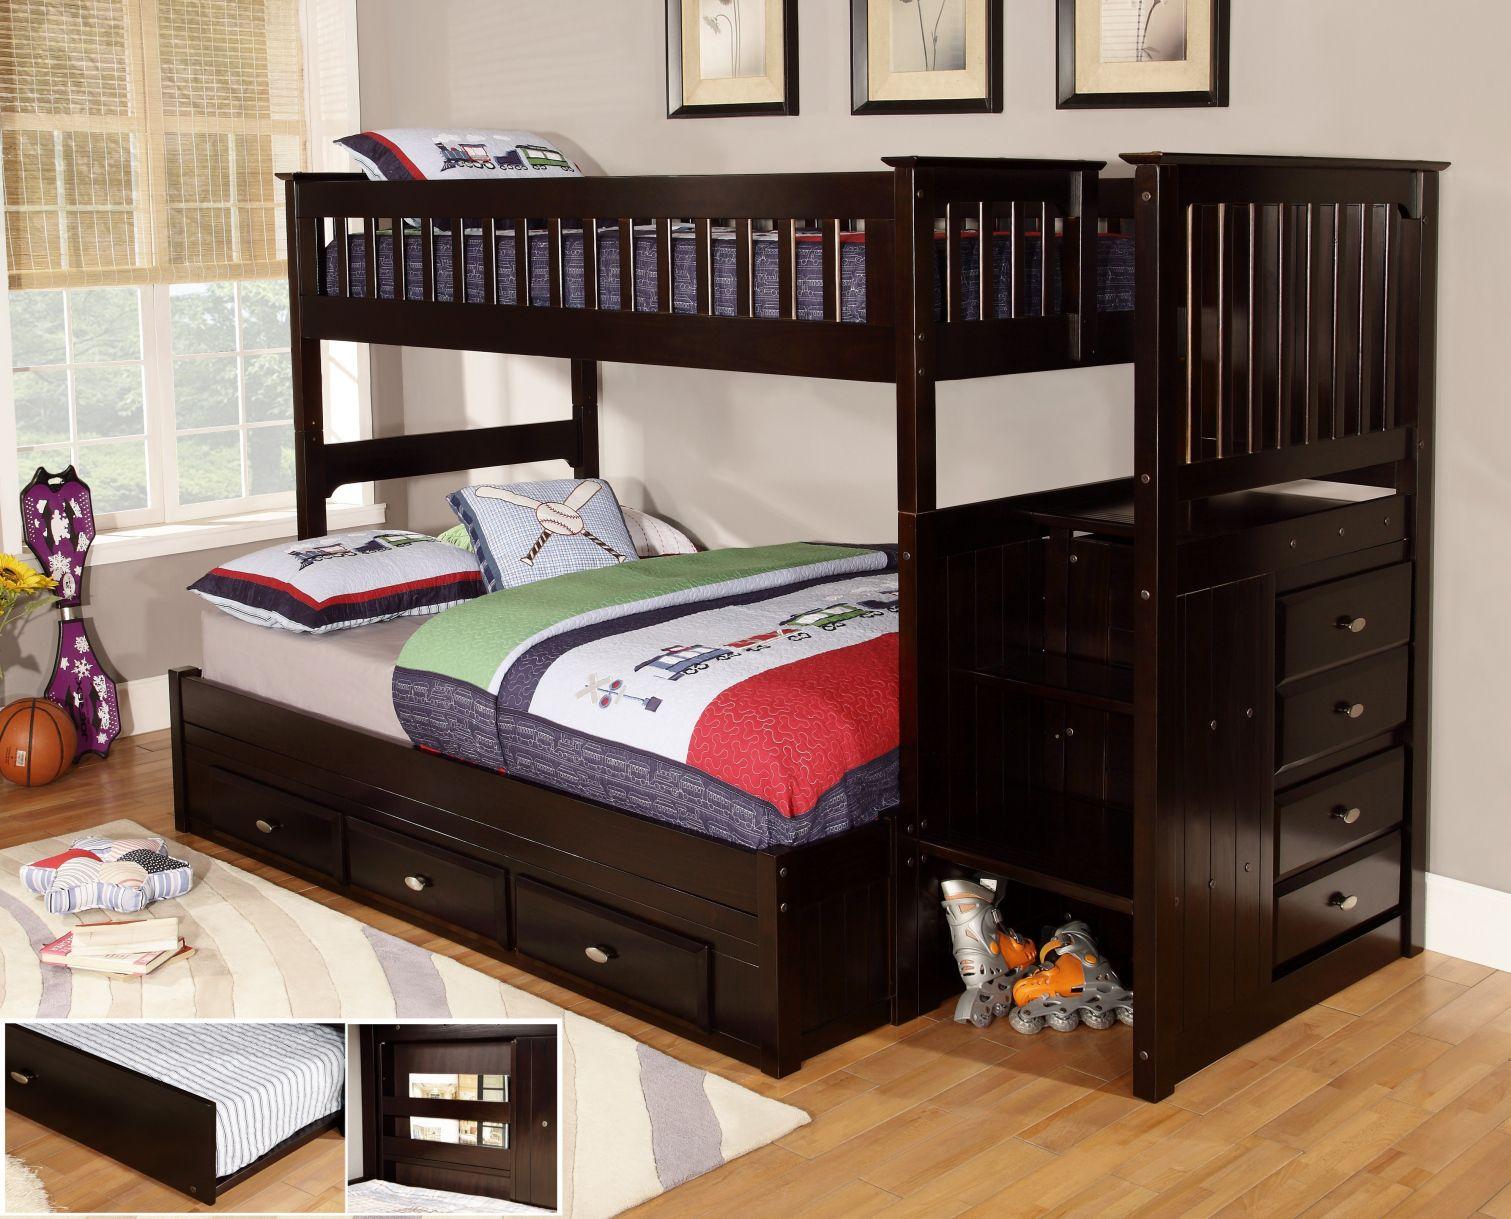 30 Bunk Beds Colorado Springs Interior Design Ideas For Bedroom